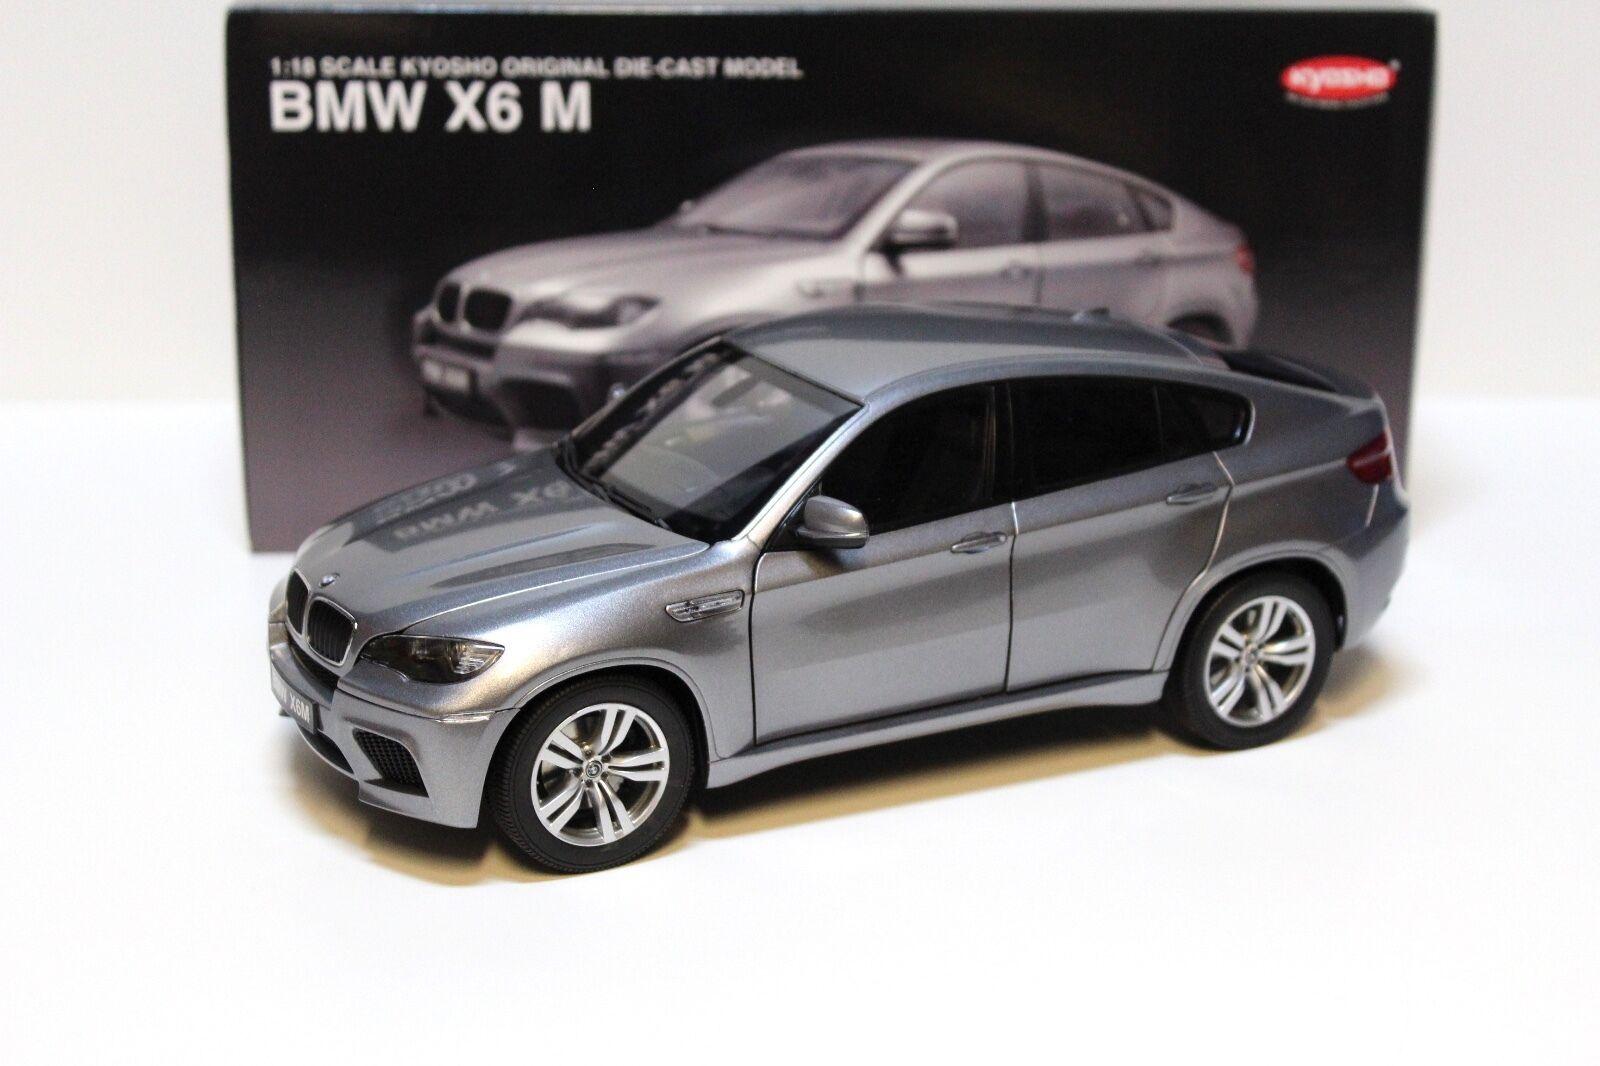 Le jour du Nouvel An, j'ai envoyé Hao Li, Li, Li, le plus populaire à la fin de l'année. 1:18 Kyosho BMW x6m (e71) Gris  2009 New chez Premium-modelcars   Pour Gagner L'éloge Chaleureux Auprès De Ses Clients  318bb0